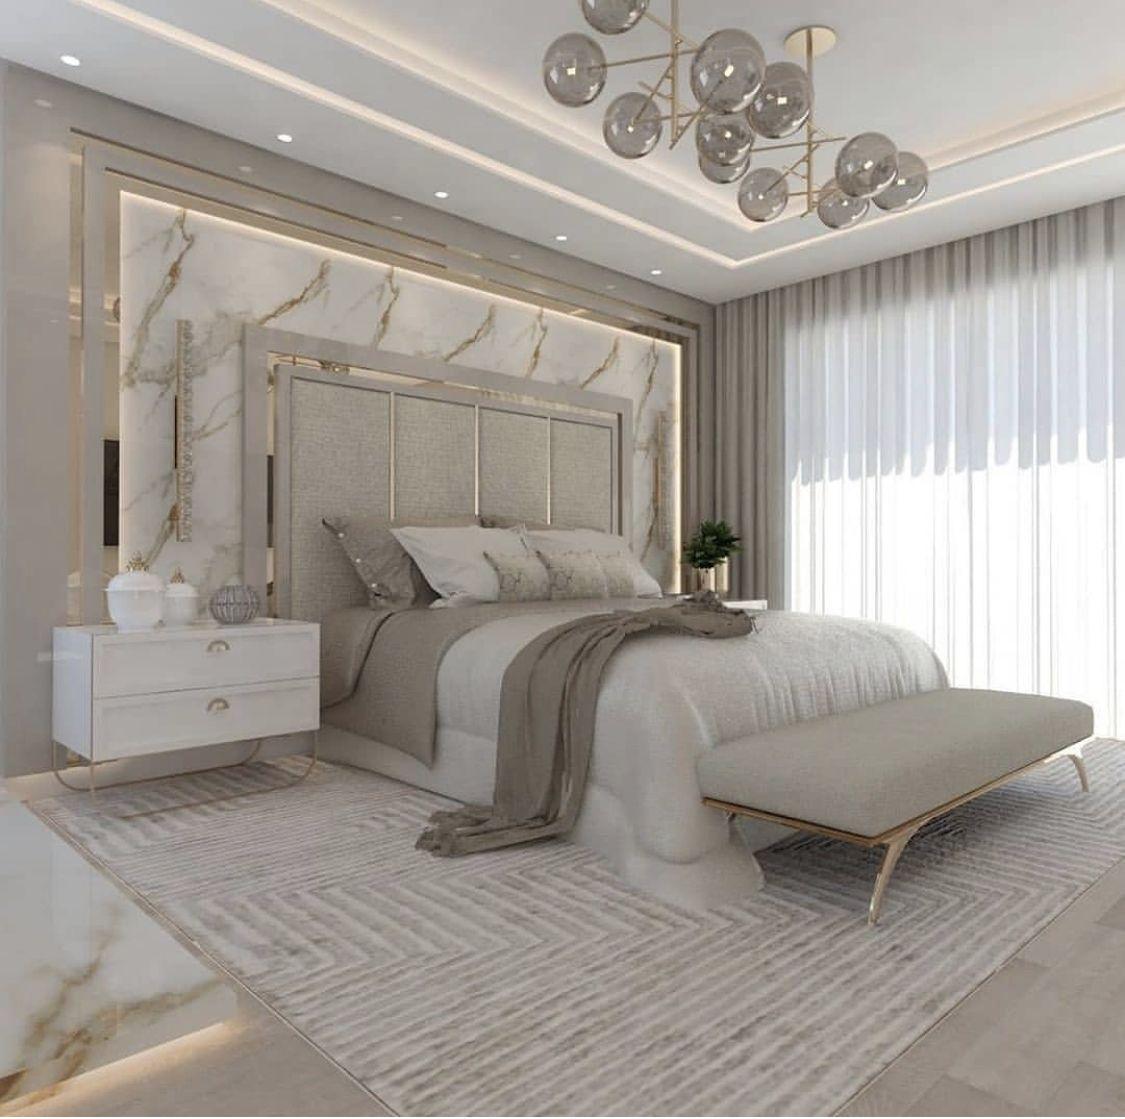 Elegant Dorm Room Decorating Ideas Dormroomideas Bedroomideas Dormroomdecor Home Designs Elegant Master Bedroom Luxurious Bedrooms Luxury Bedroom Master